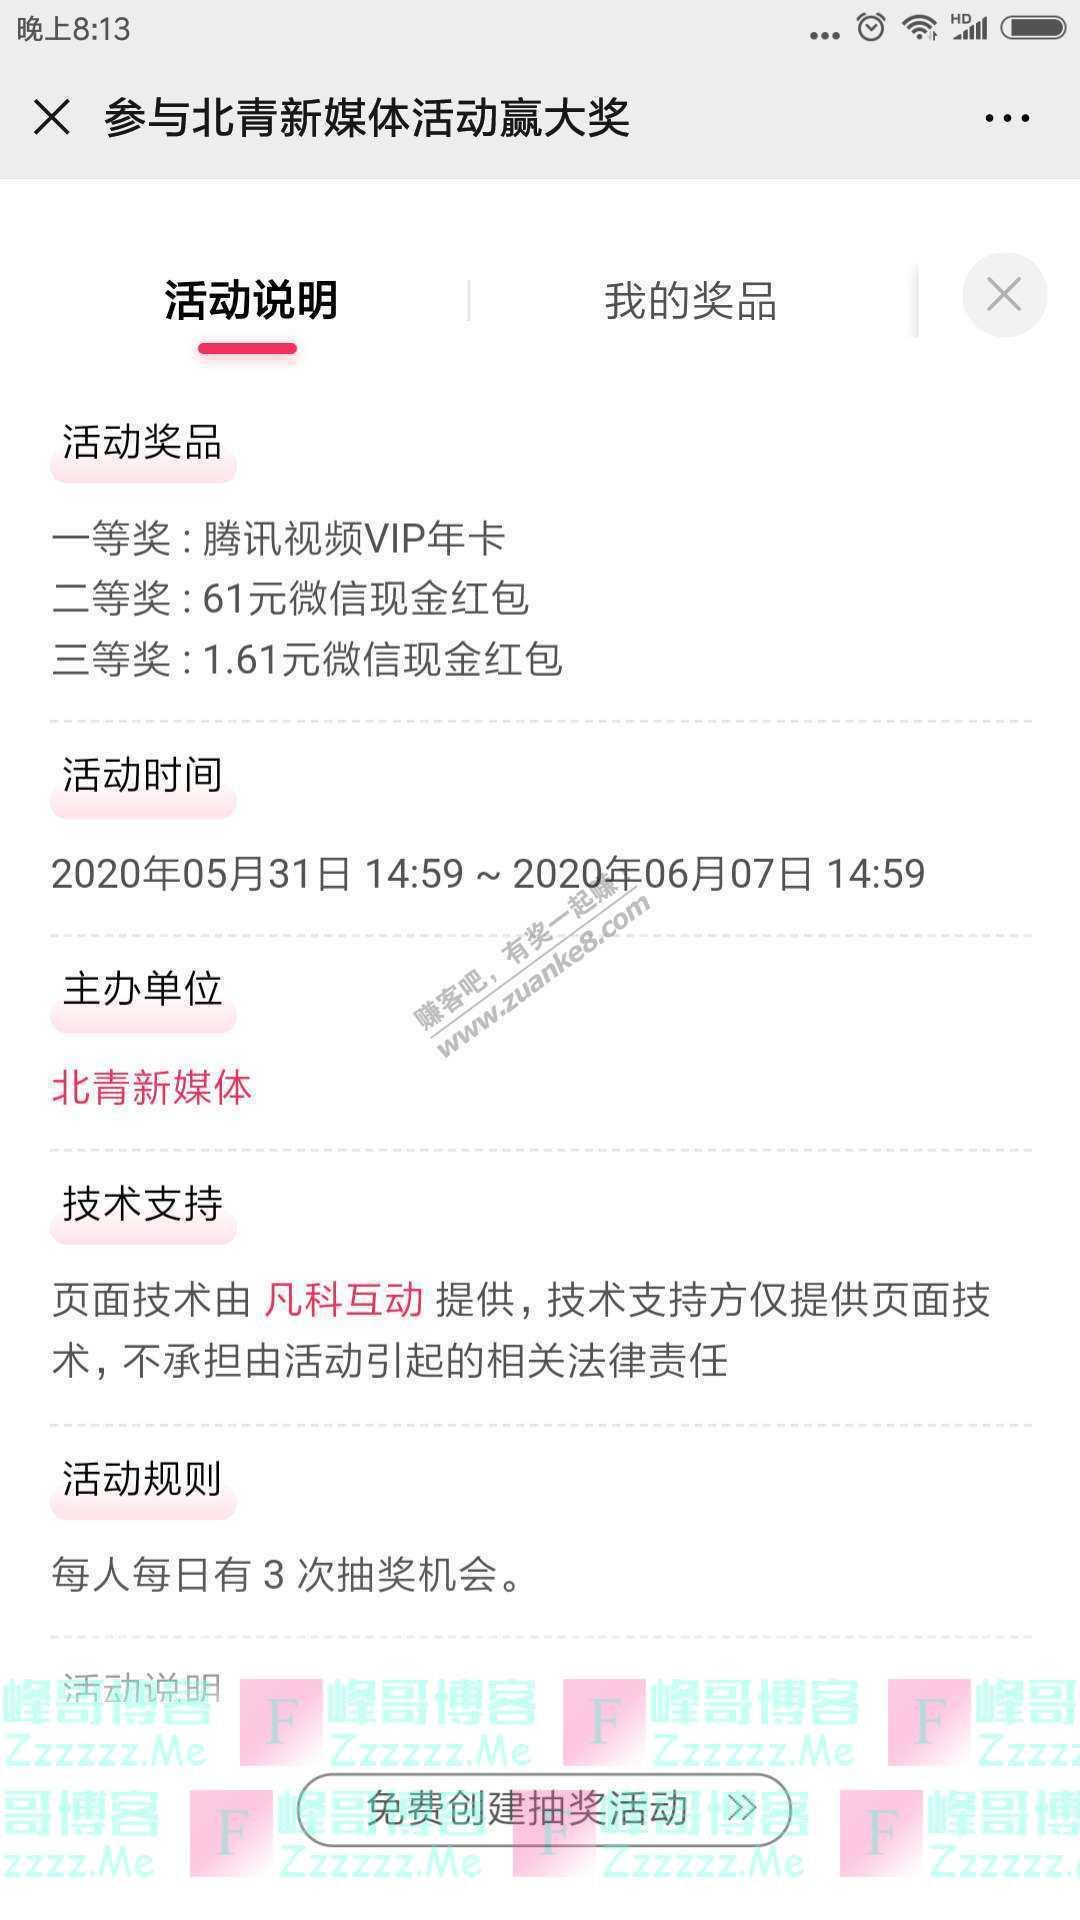 北京青年报百元六一节礼物请查收(截止6月7日)